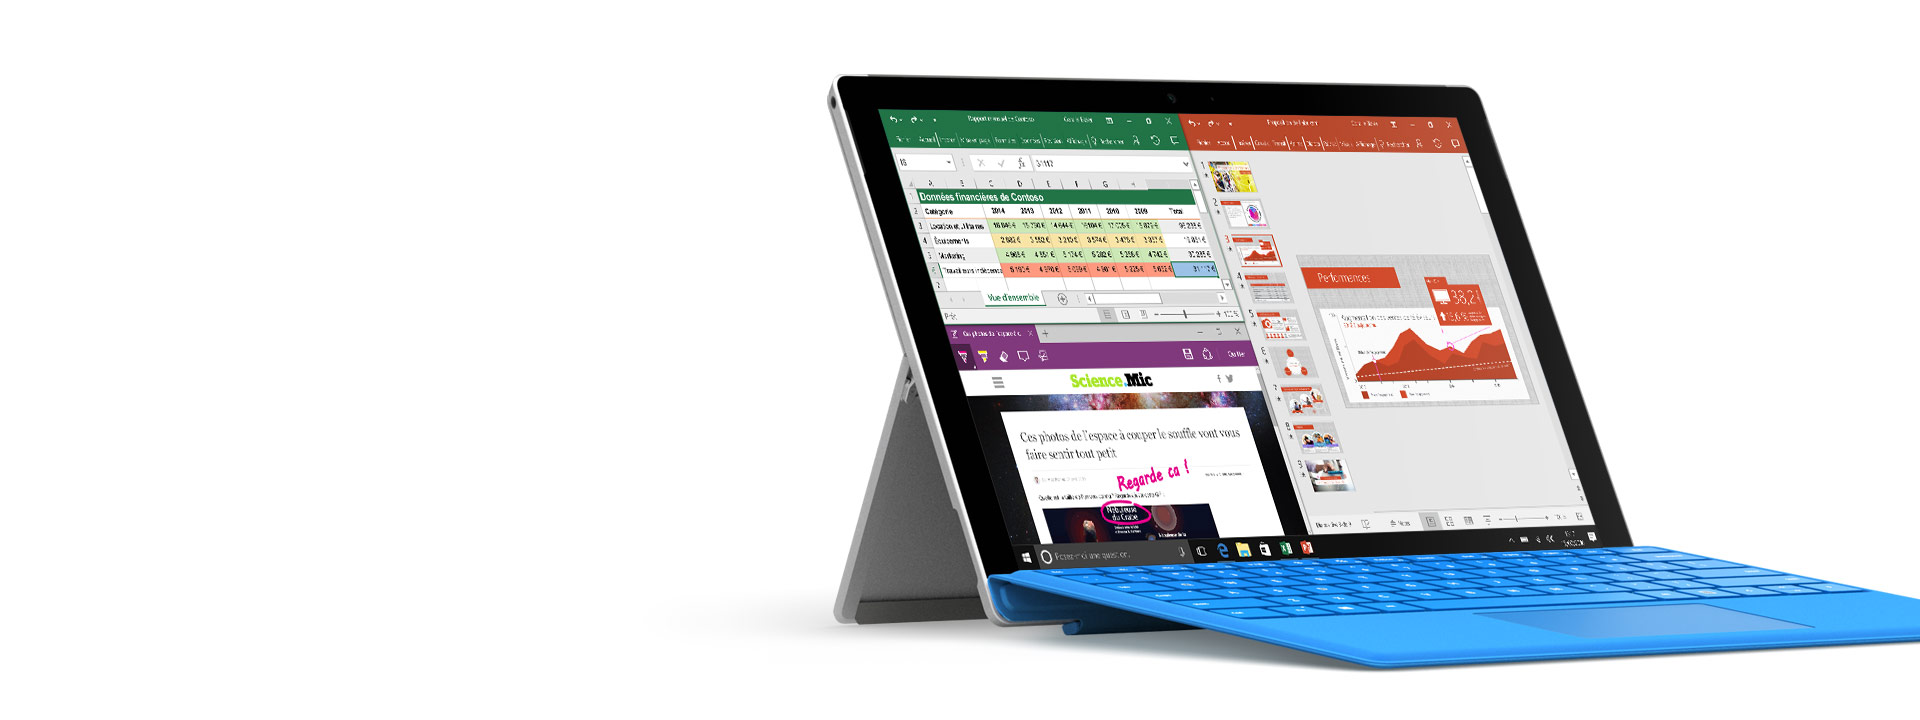 Surface Pro4 avec Office à l'écran